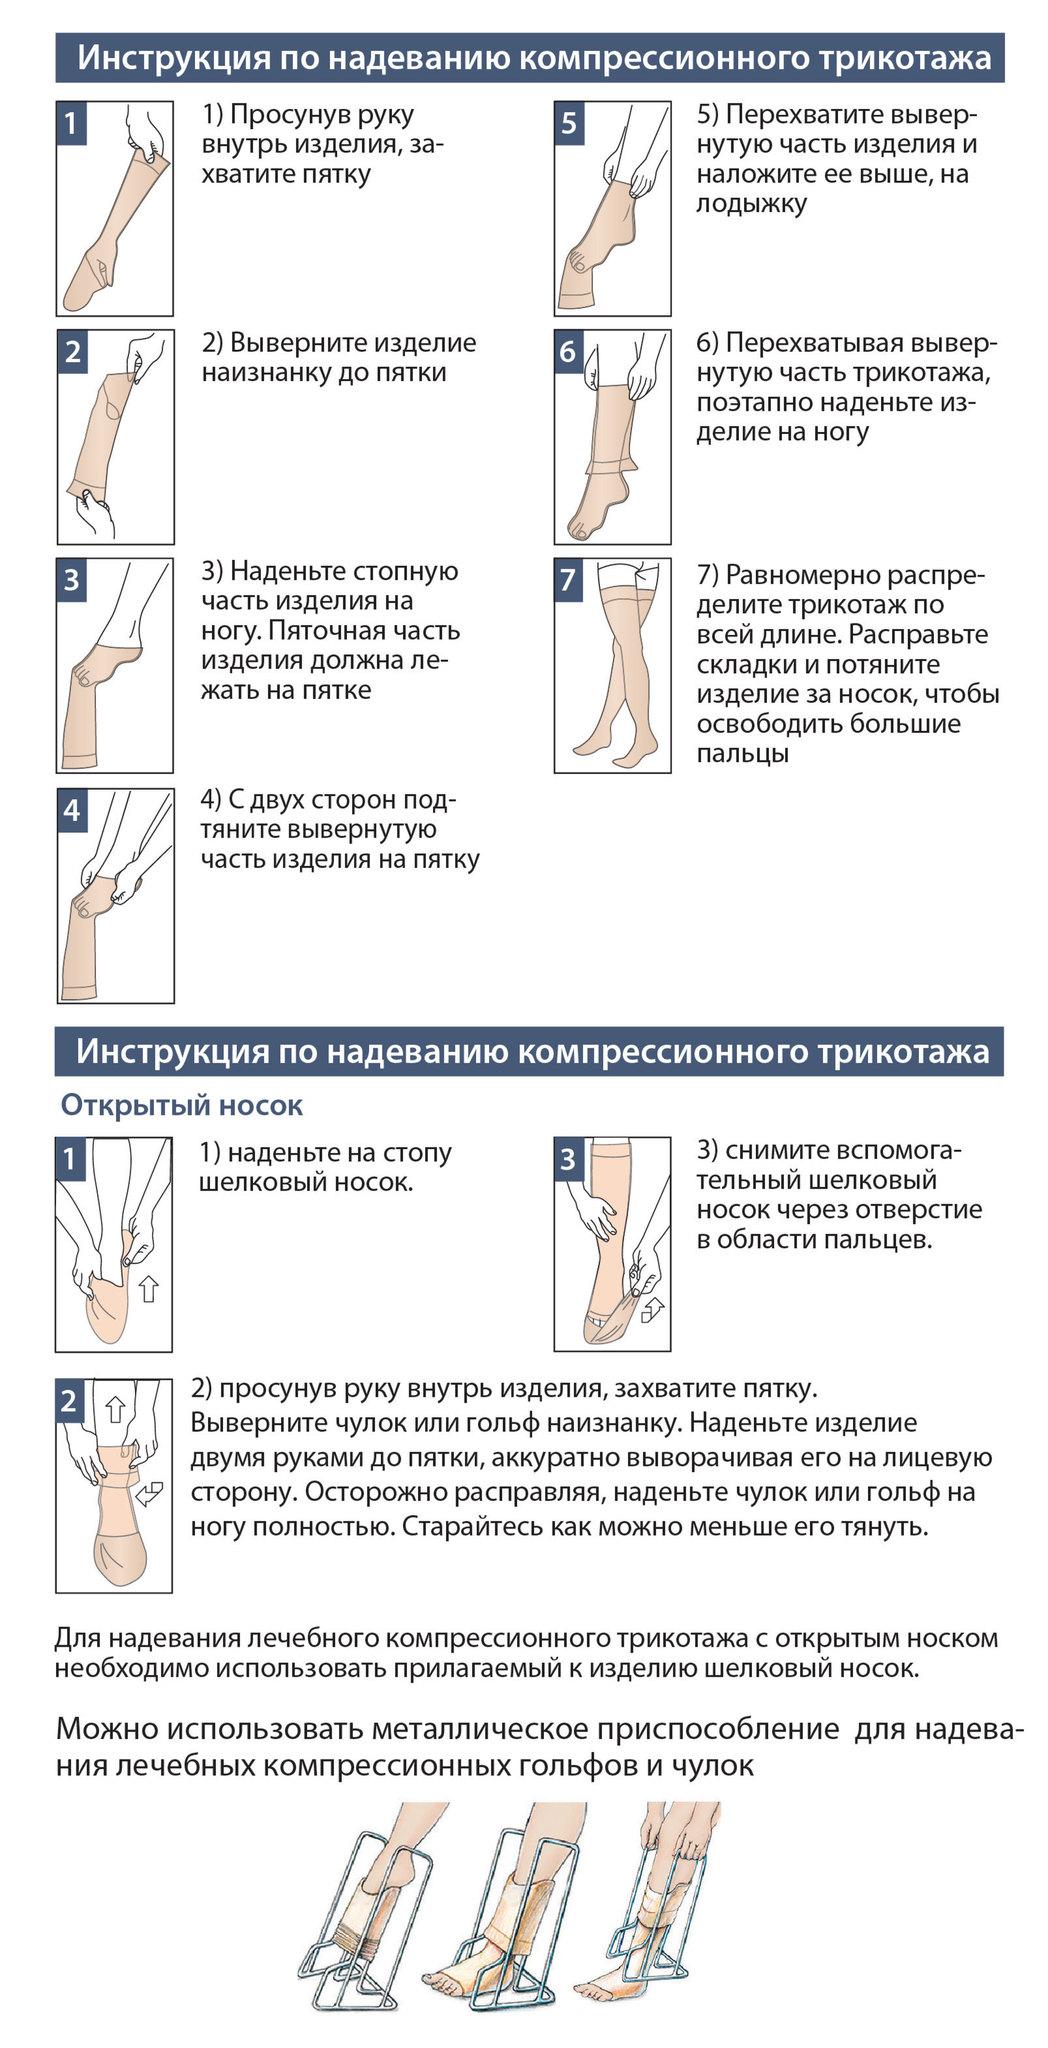 Чулки компрессионные антиэмболические luomma idealista (1 компр.) стандарт арт.id-380, белый